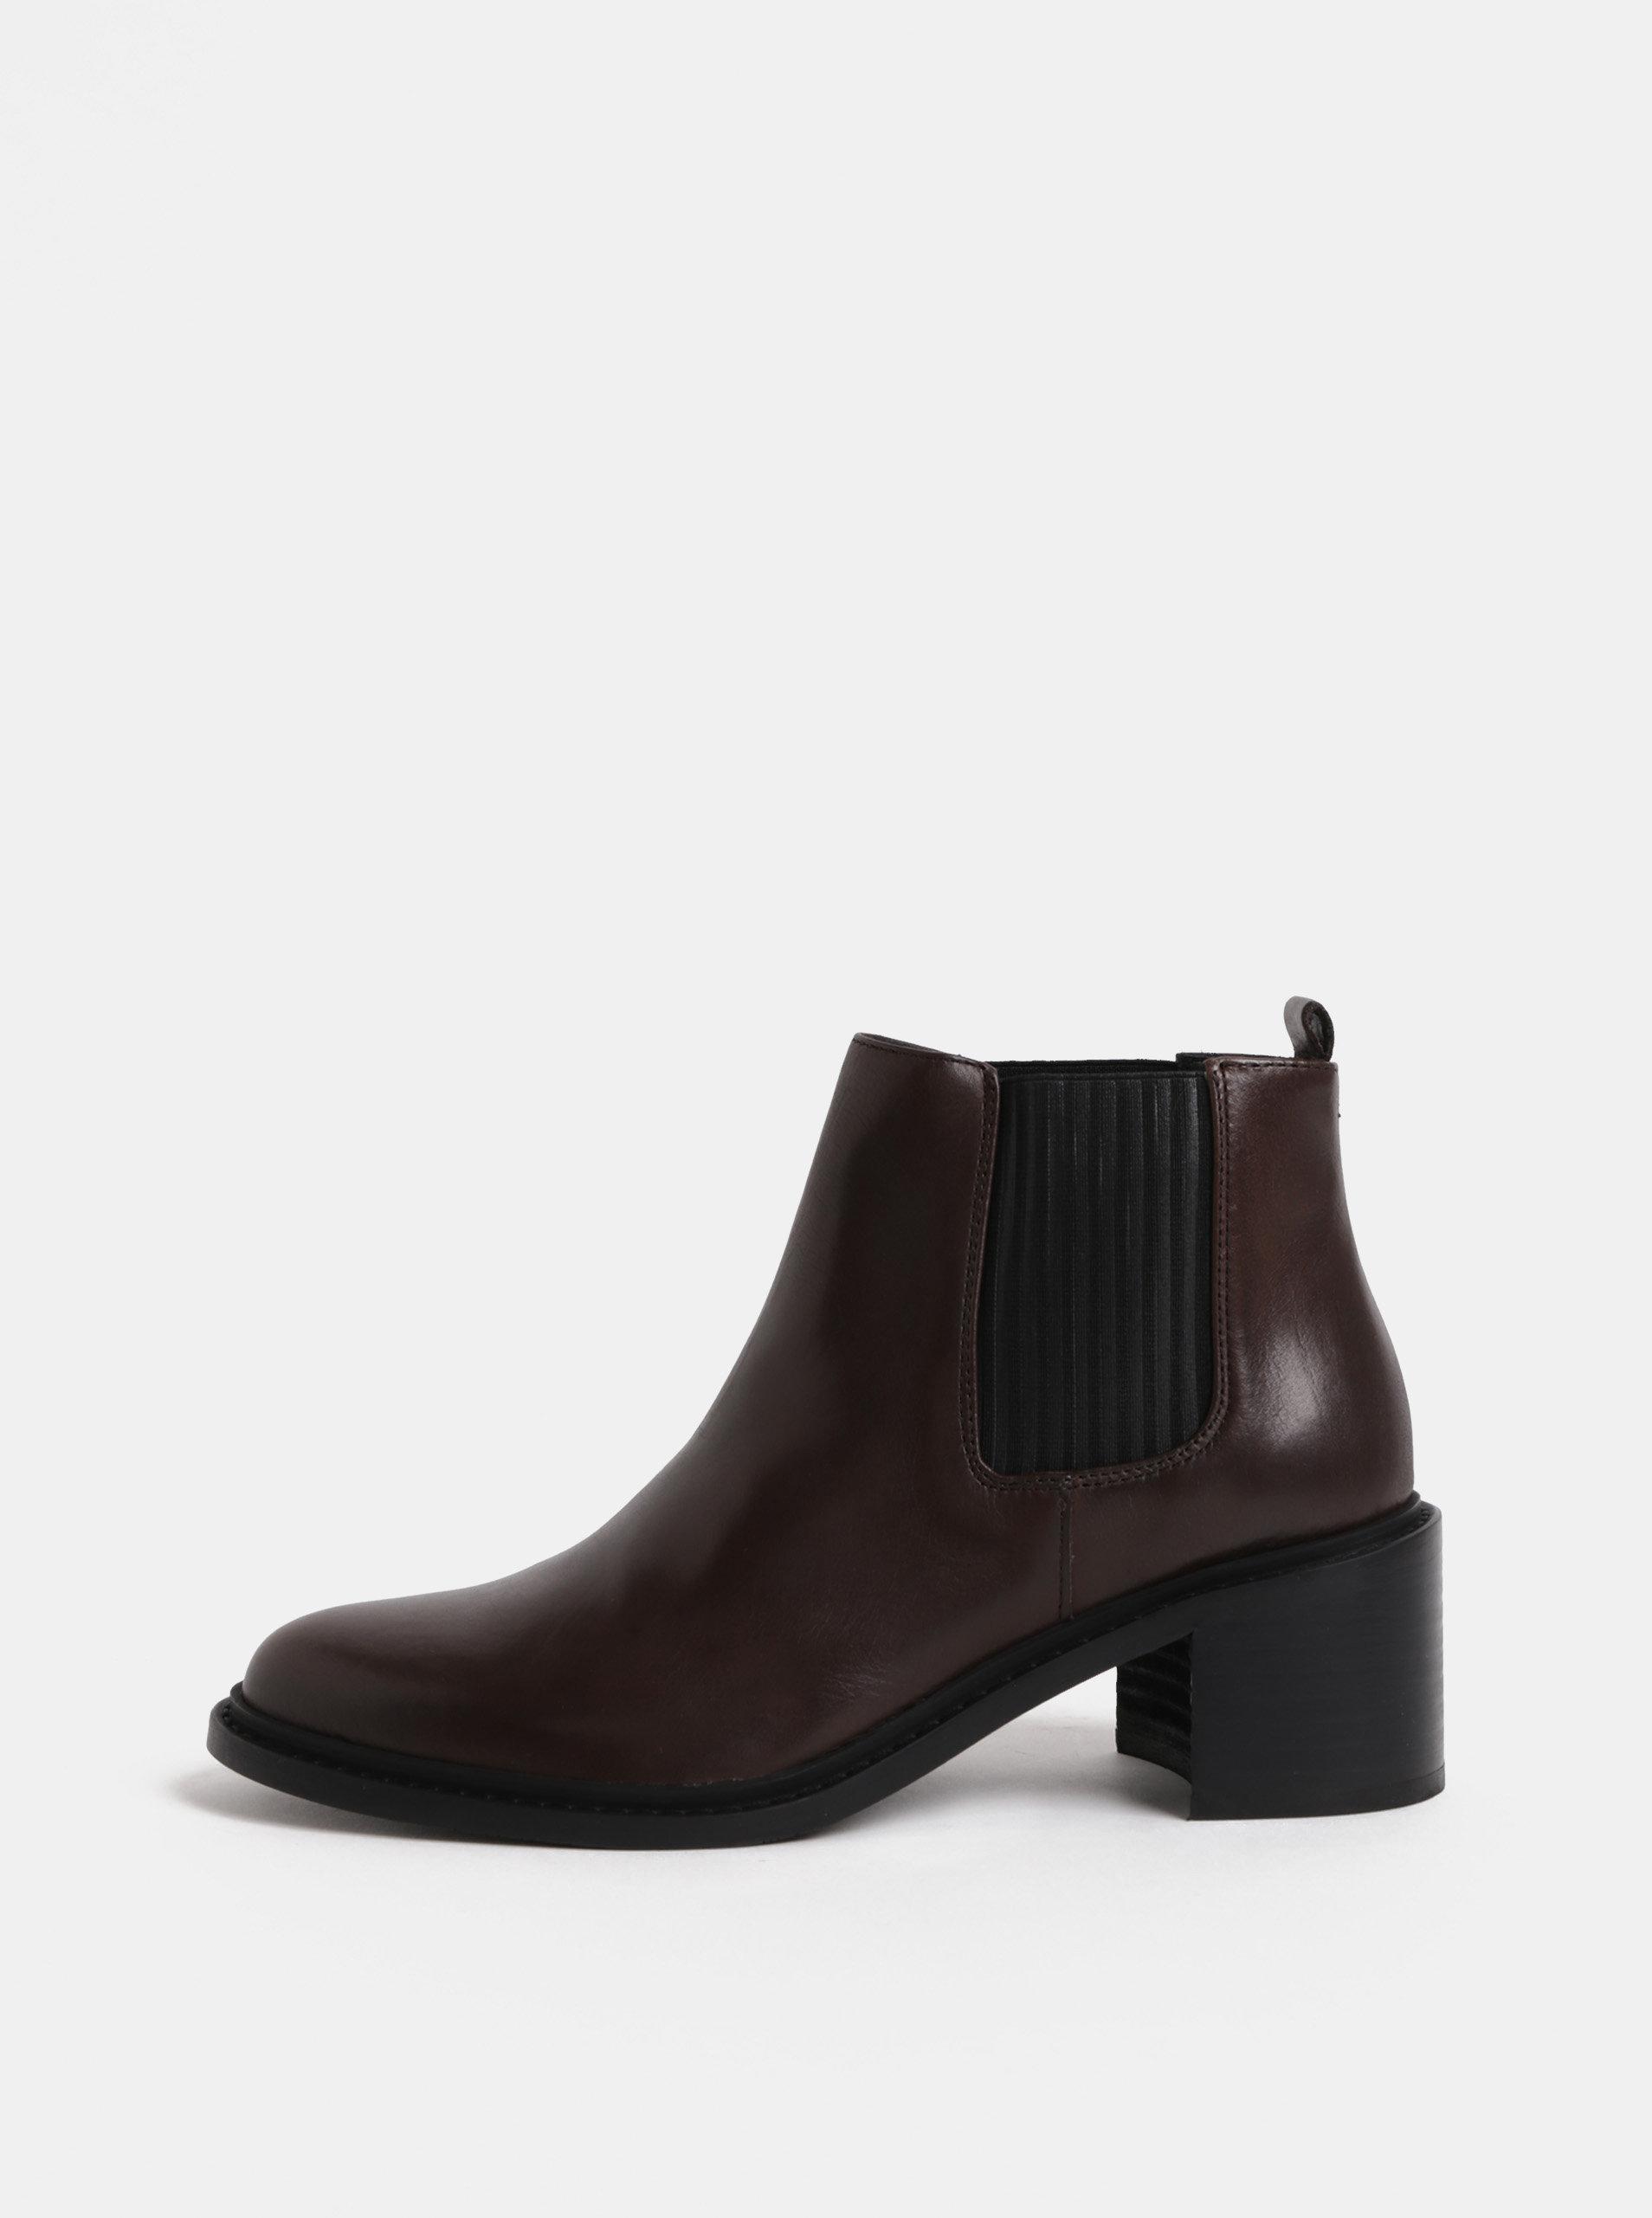 f2a02a61948 Tmavě hnědé dámské kožené chelsea boty na podpatku Royal RepubliQ ...